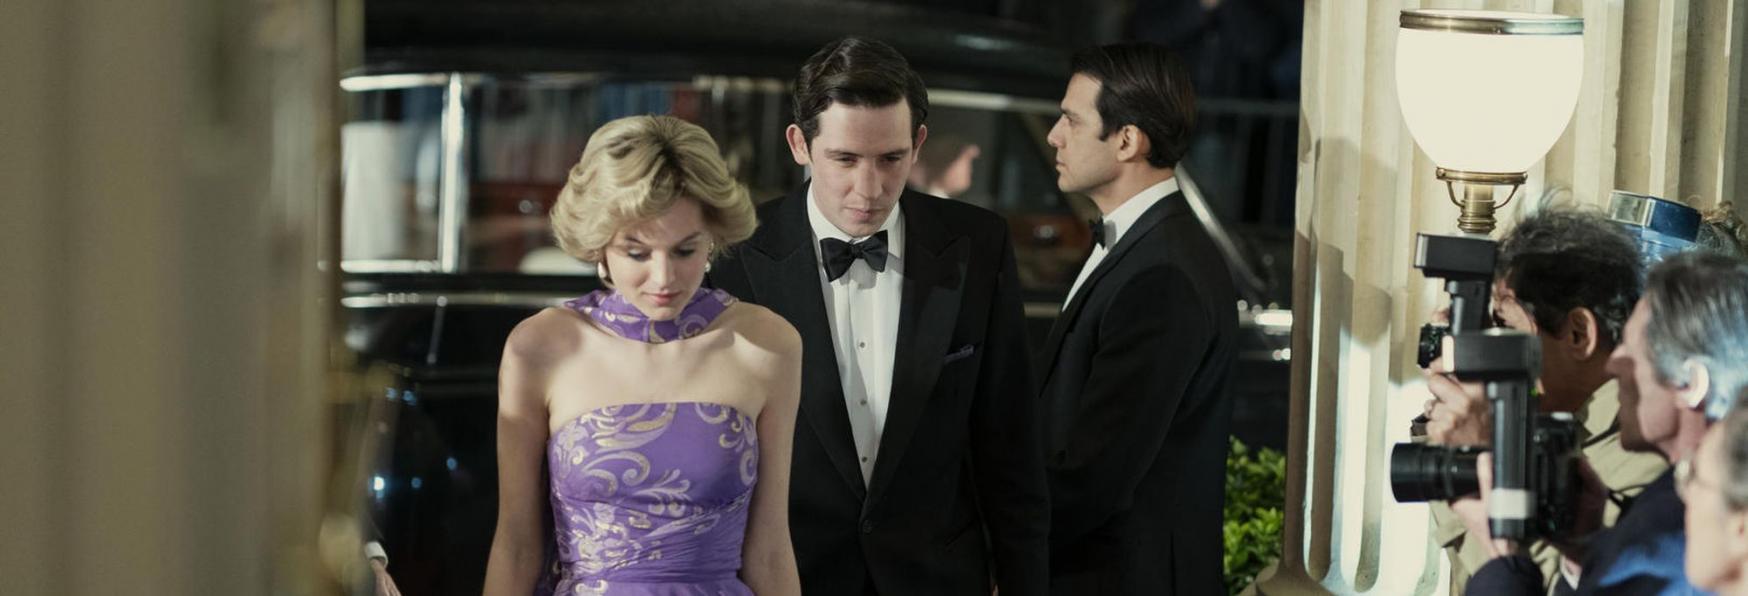 The Crown 4: Trama, Cast, Trailer e Data della nuova Stagione della Reale Serie TV Netflix